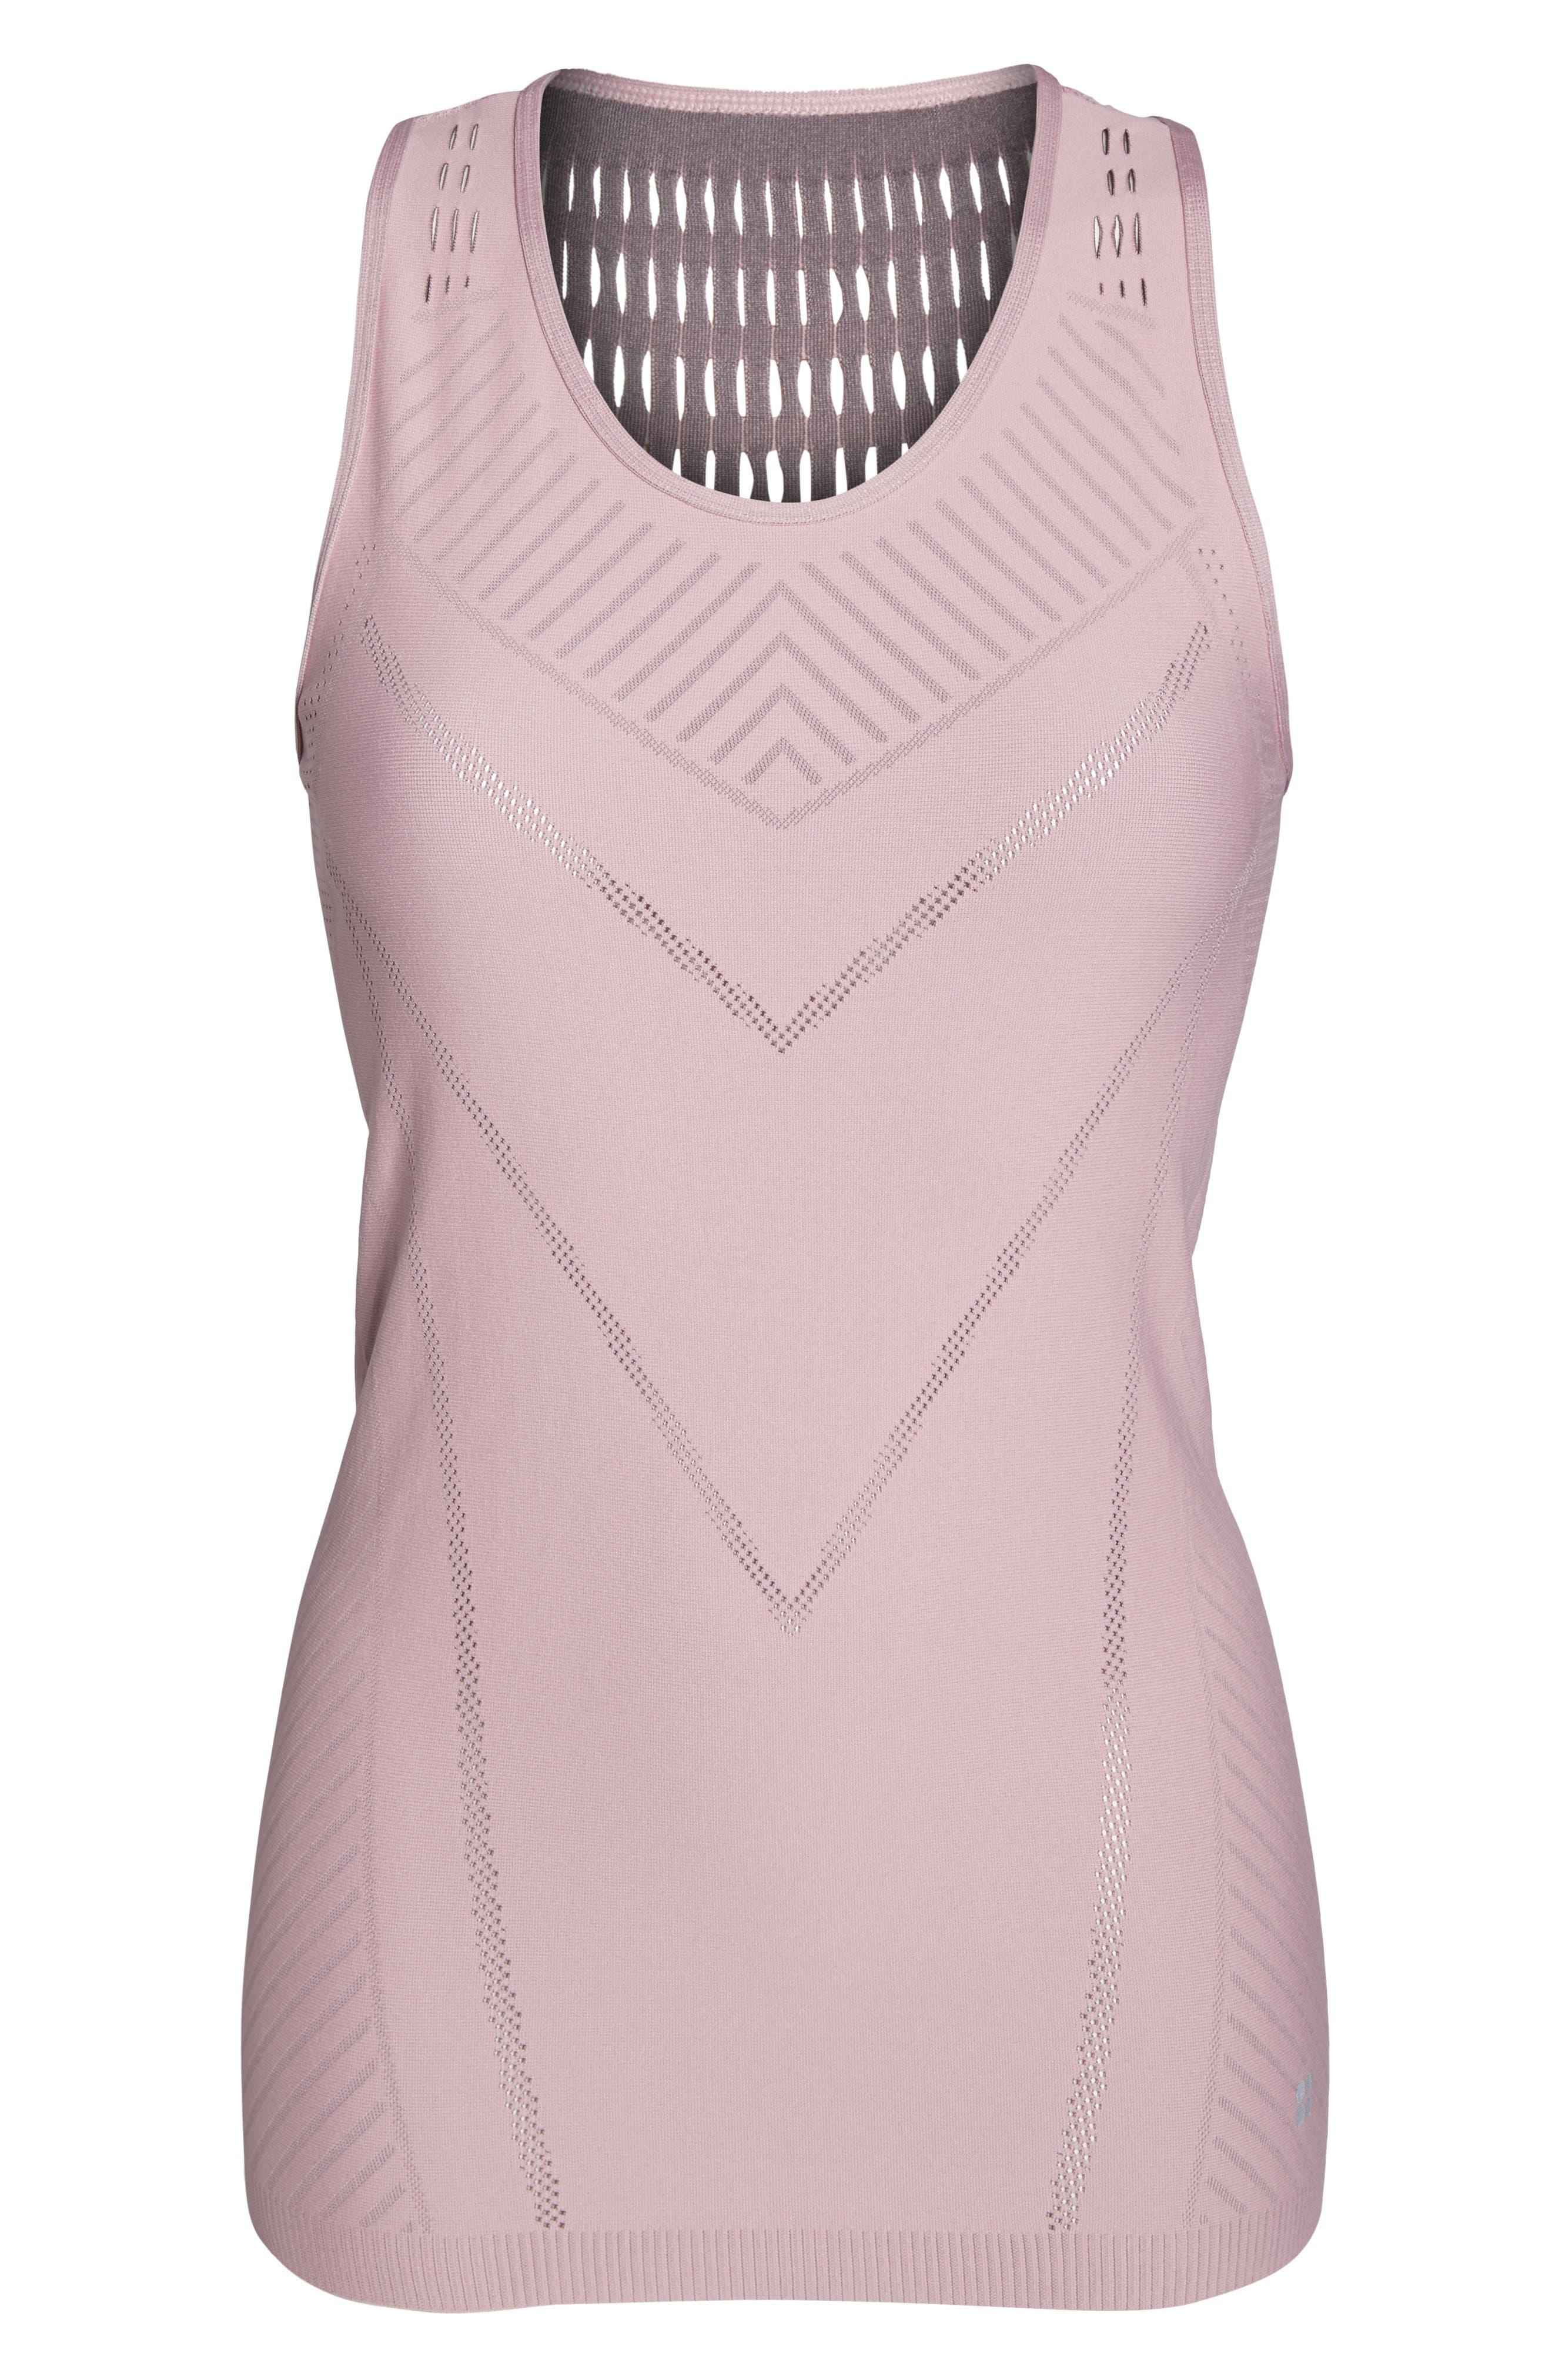 Luxe Yoga Vest,                             Alternate thumbnail 7, color,                             650